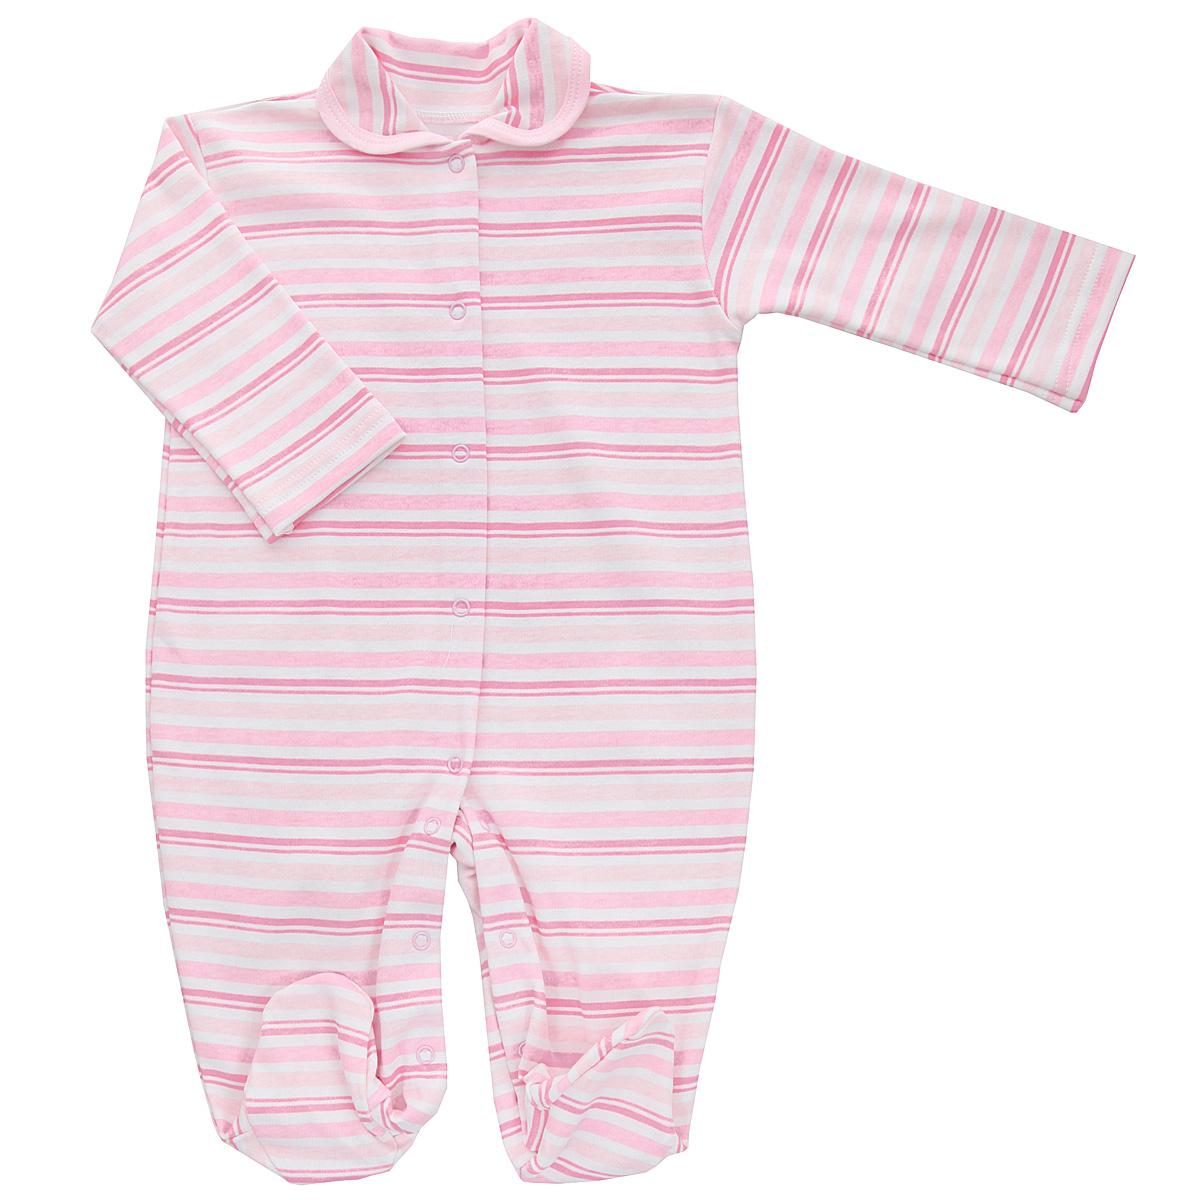 Комбинезон домашний5815_полоскаДетский комбинезон Трон-Плюс - очень удобный и практичный вид одежды для малышей. Комбинезон выполнен из интерлока - натурального хлопка, благодаря чему он необычайно мягкий и приятный на ощупь, не раздражает нежную кожу ребенка, и хорошо вентилируются, а эластичные швы приятны телу младенца и не препятствуют его движениям. Комбинезон с длинными рукавами, закрытыми ножками и отложным воротничком имеет застежки-кнопки от горловины до щиколоток, которые помогают легко переодеть ребенка или сменить подгузник. Воротник по краю дополнен контрастной бейкой. Оформлено изделие принтом в полоску. С детским комбинезоном спинка и ножки вашего крохи всегда будут в тепле, он идеален для использования днем и незаменим ночью. Комбинезон полностью соответствует особенностям жизни младенца в ранний период, не стесняя и не ограничивая его в движениях!